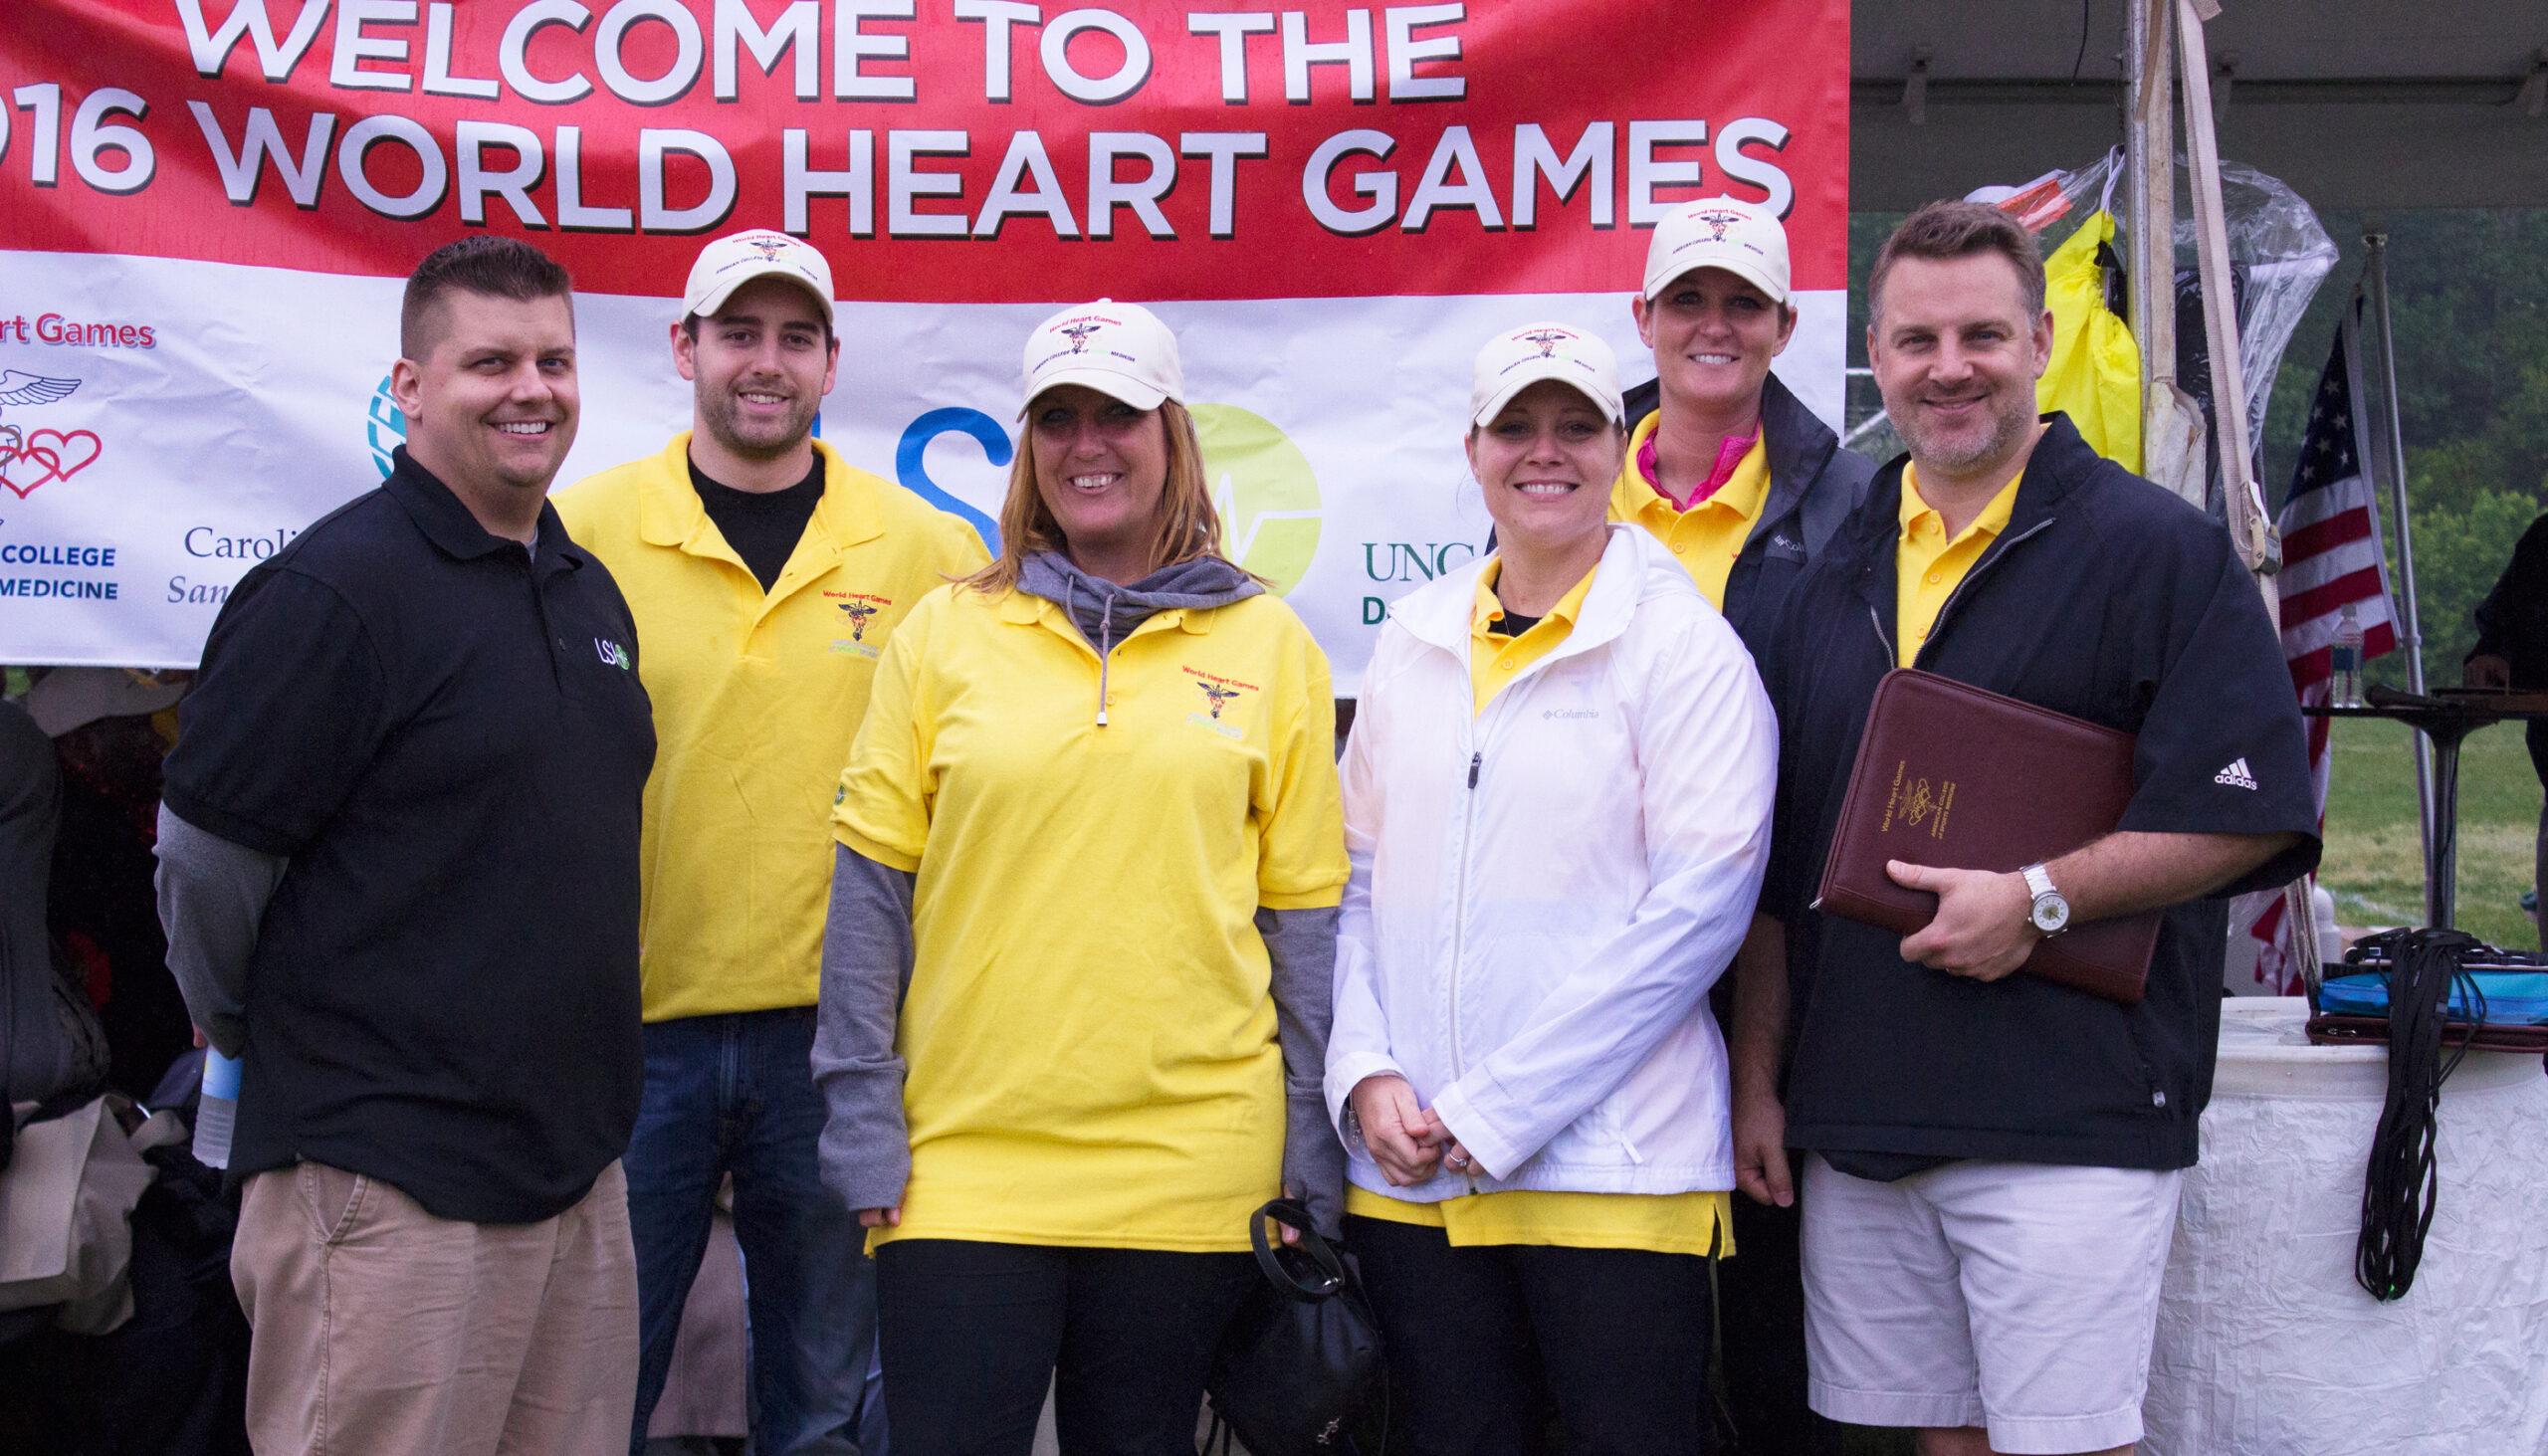 LSI Team World Heart Games